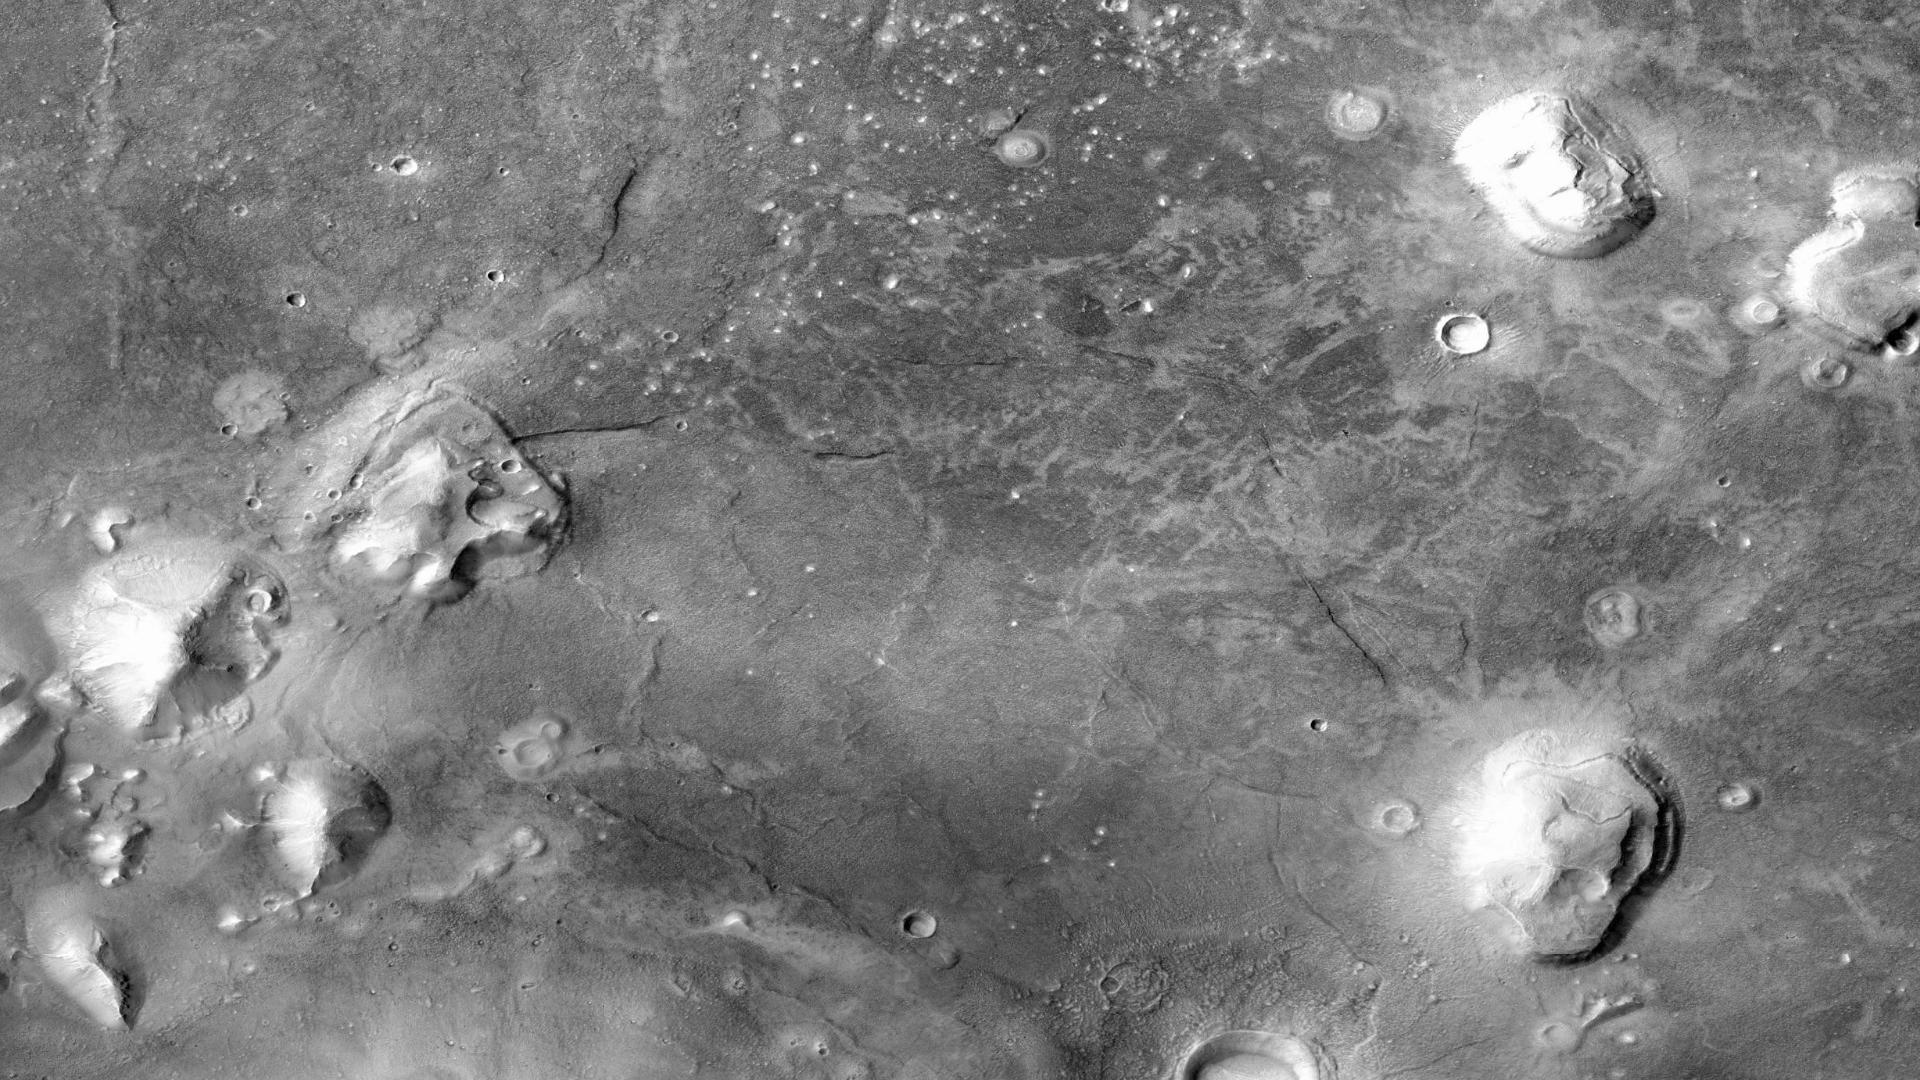 Mars Cydonia Mensae : Ville et pyramide martienne, preuves d'ancienne civilisation